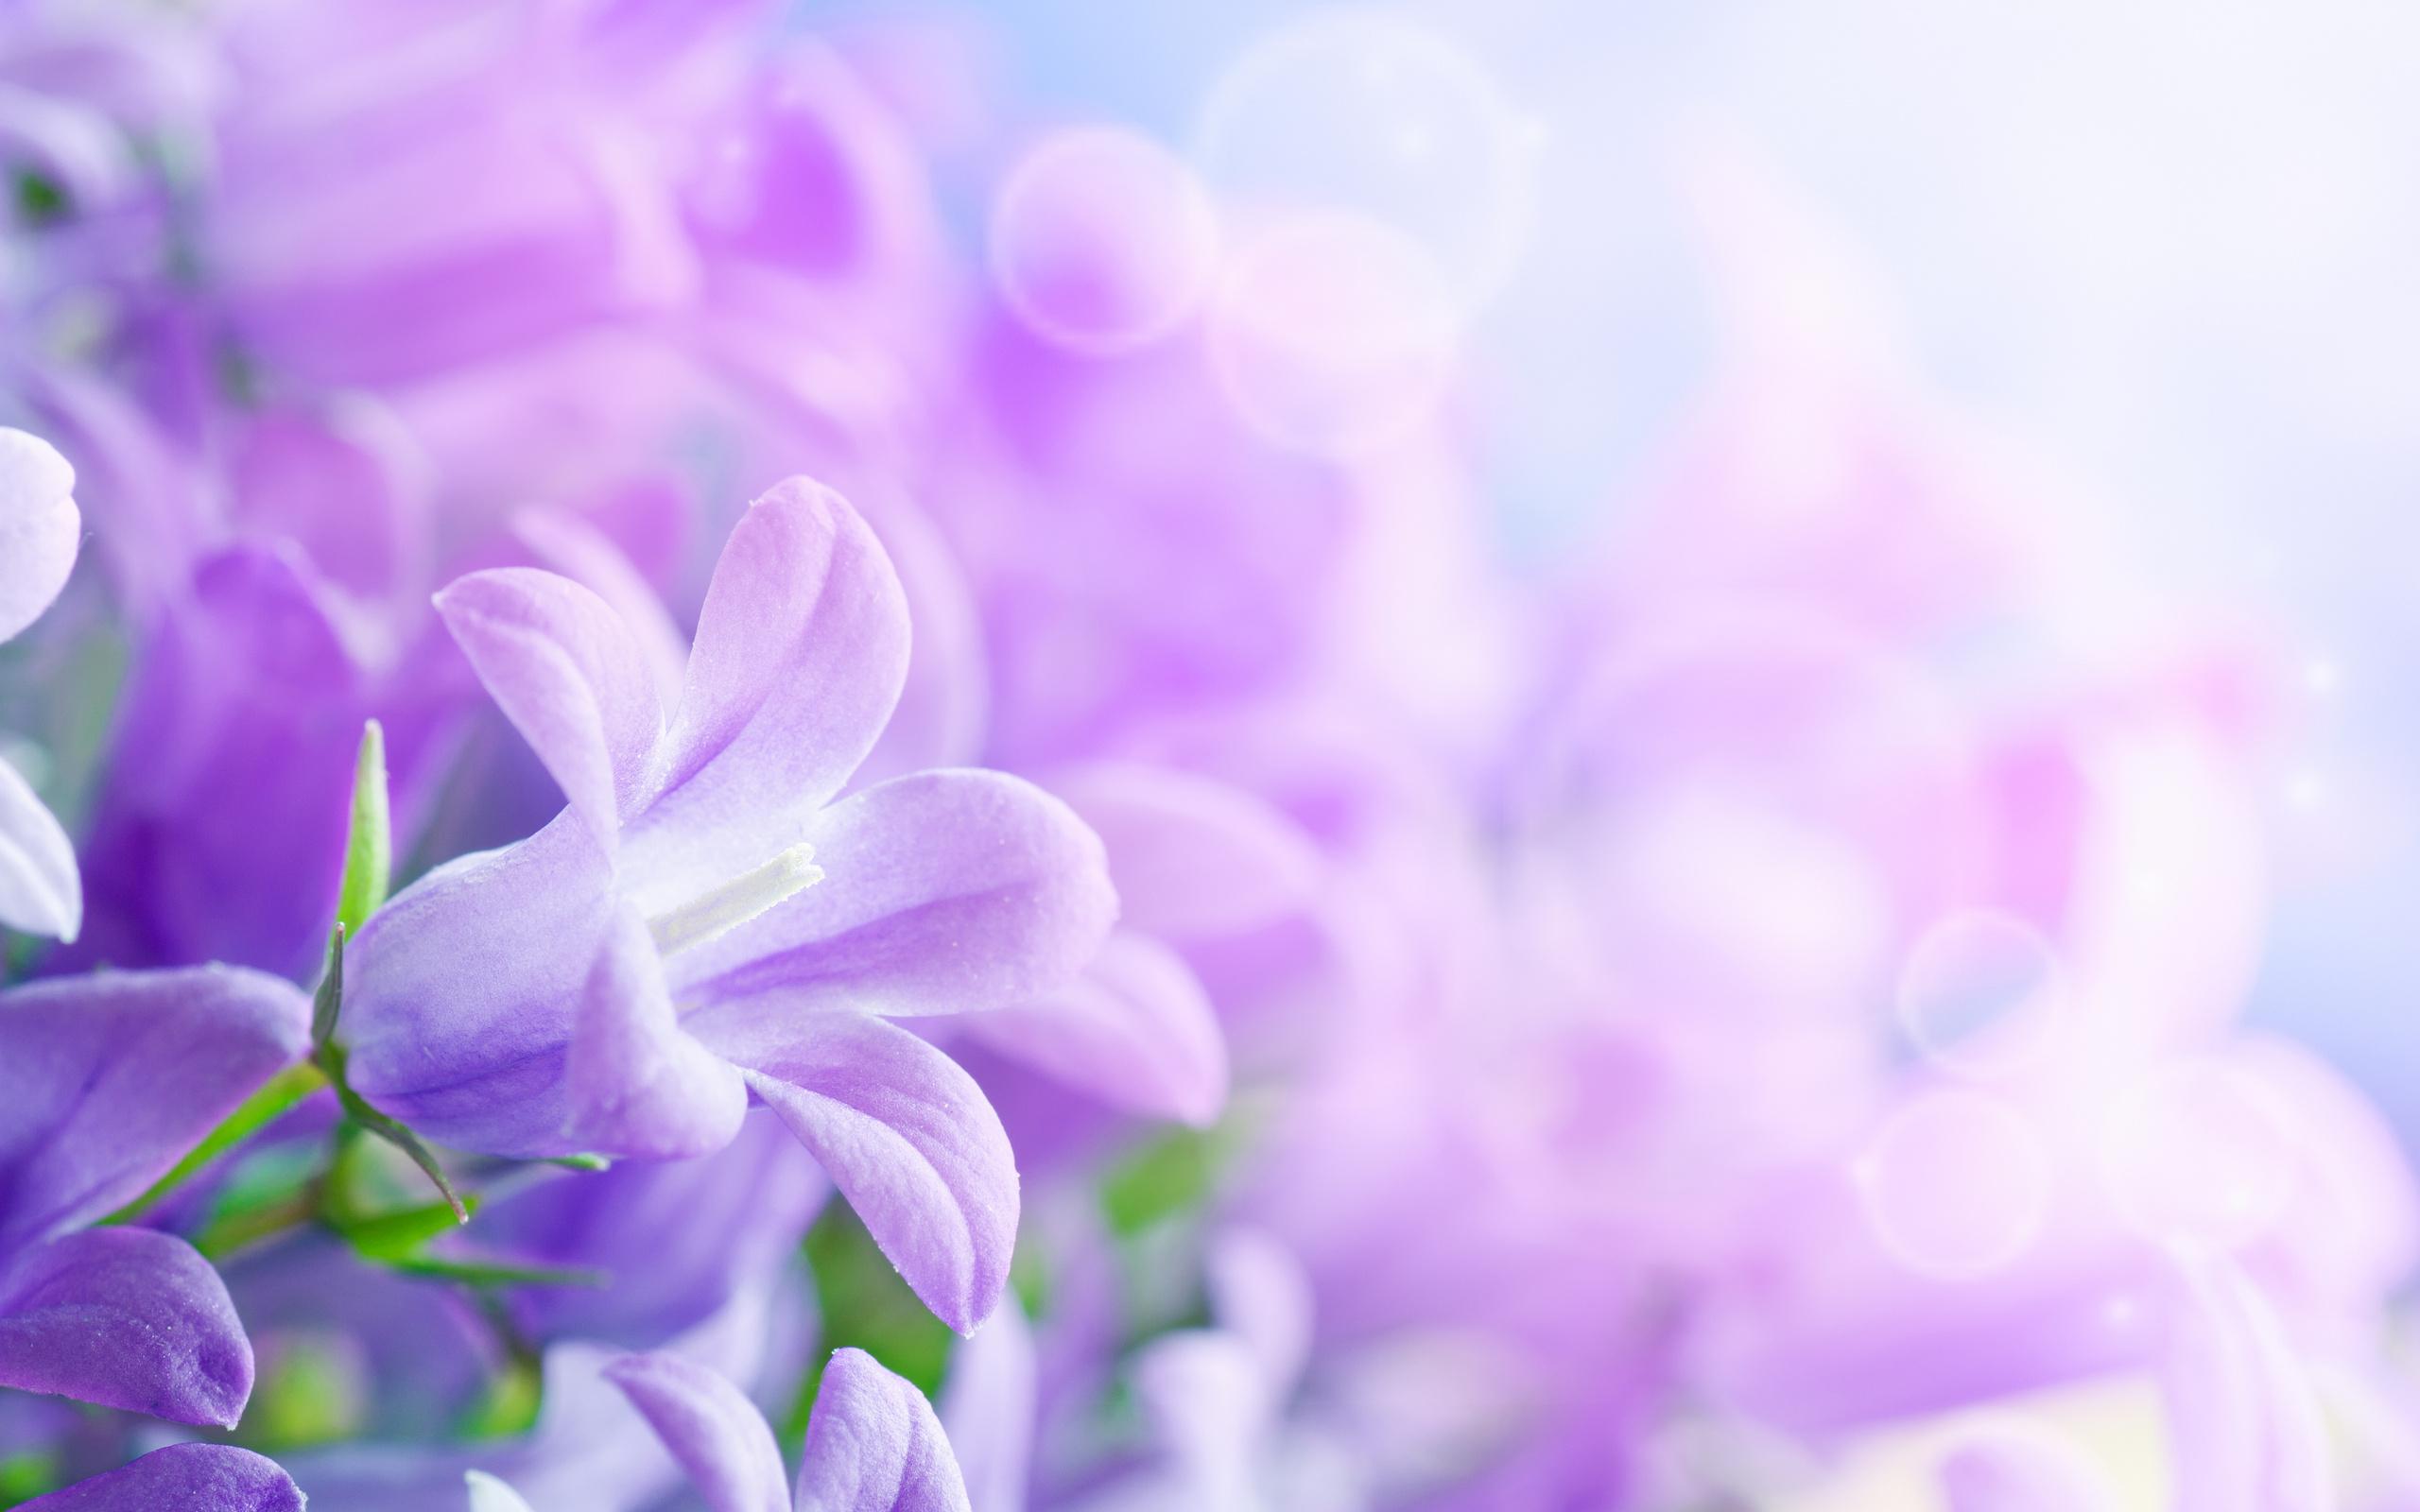 beautiful wallpaper purple flower